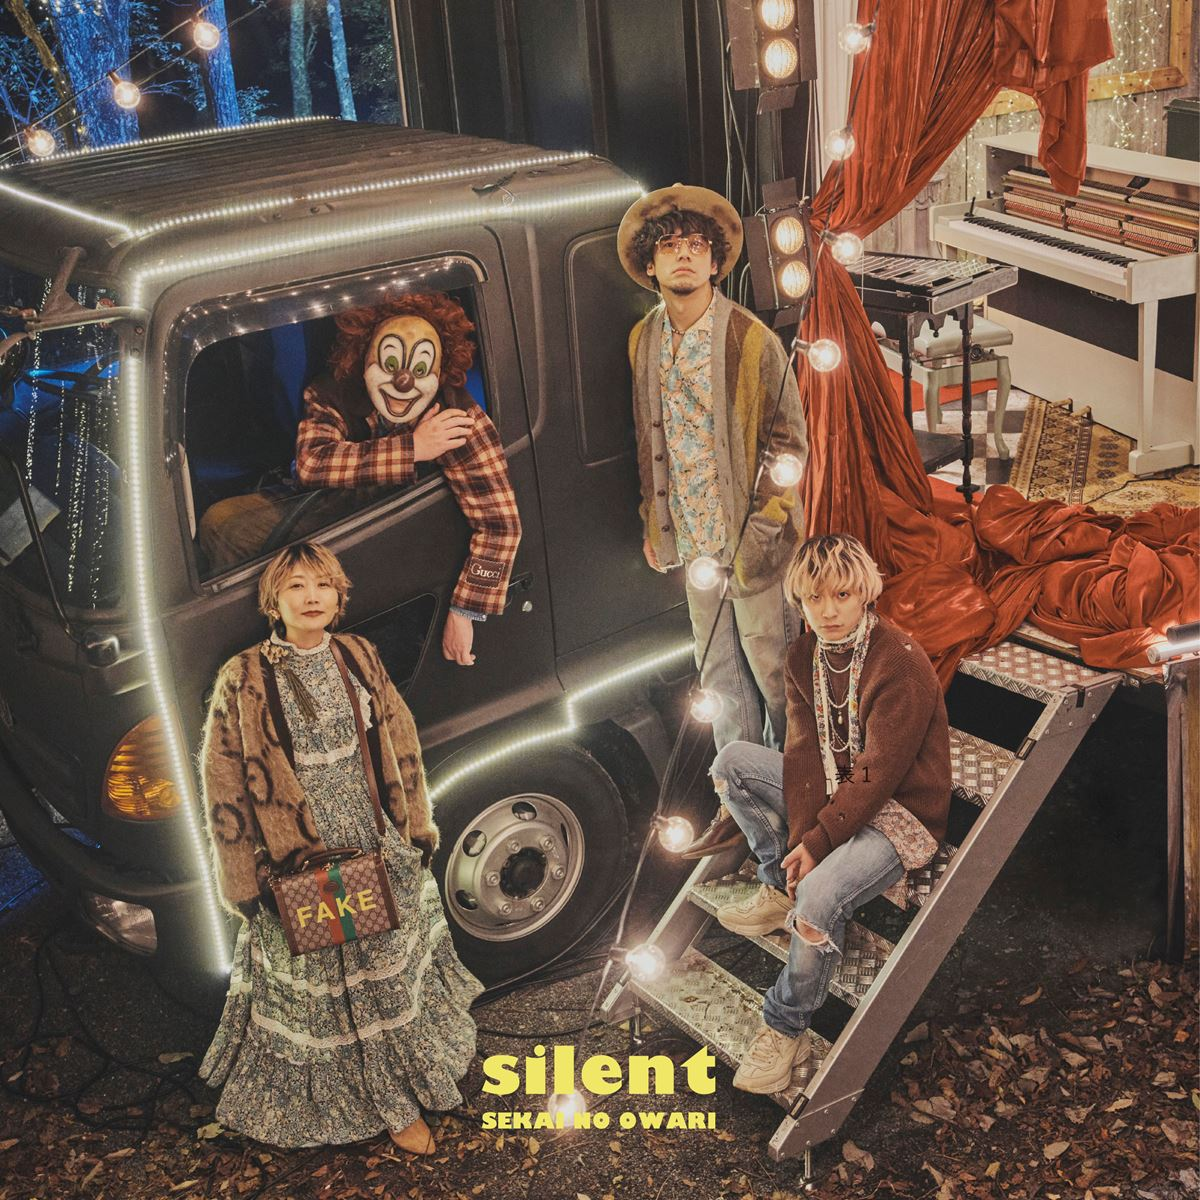 SEKAI NO OWARI - Silent [2020.12.16+MP3+RAR]